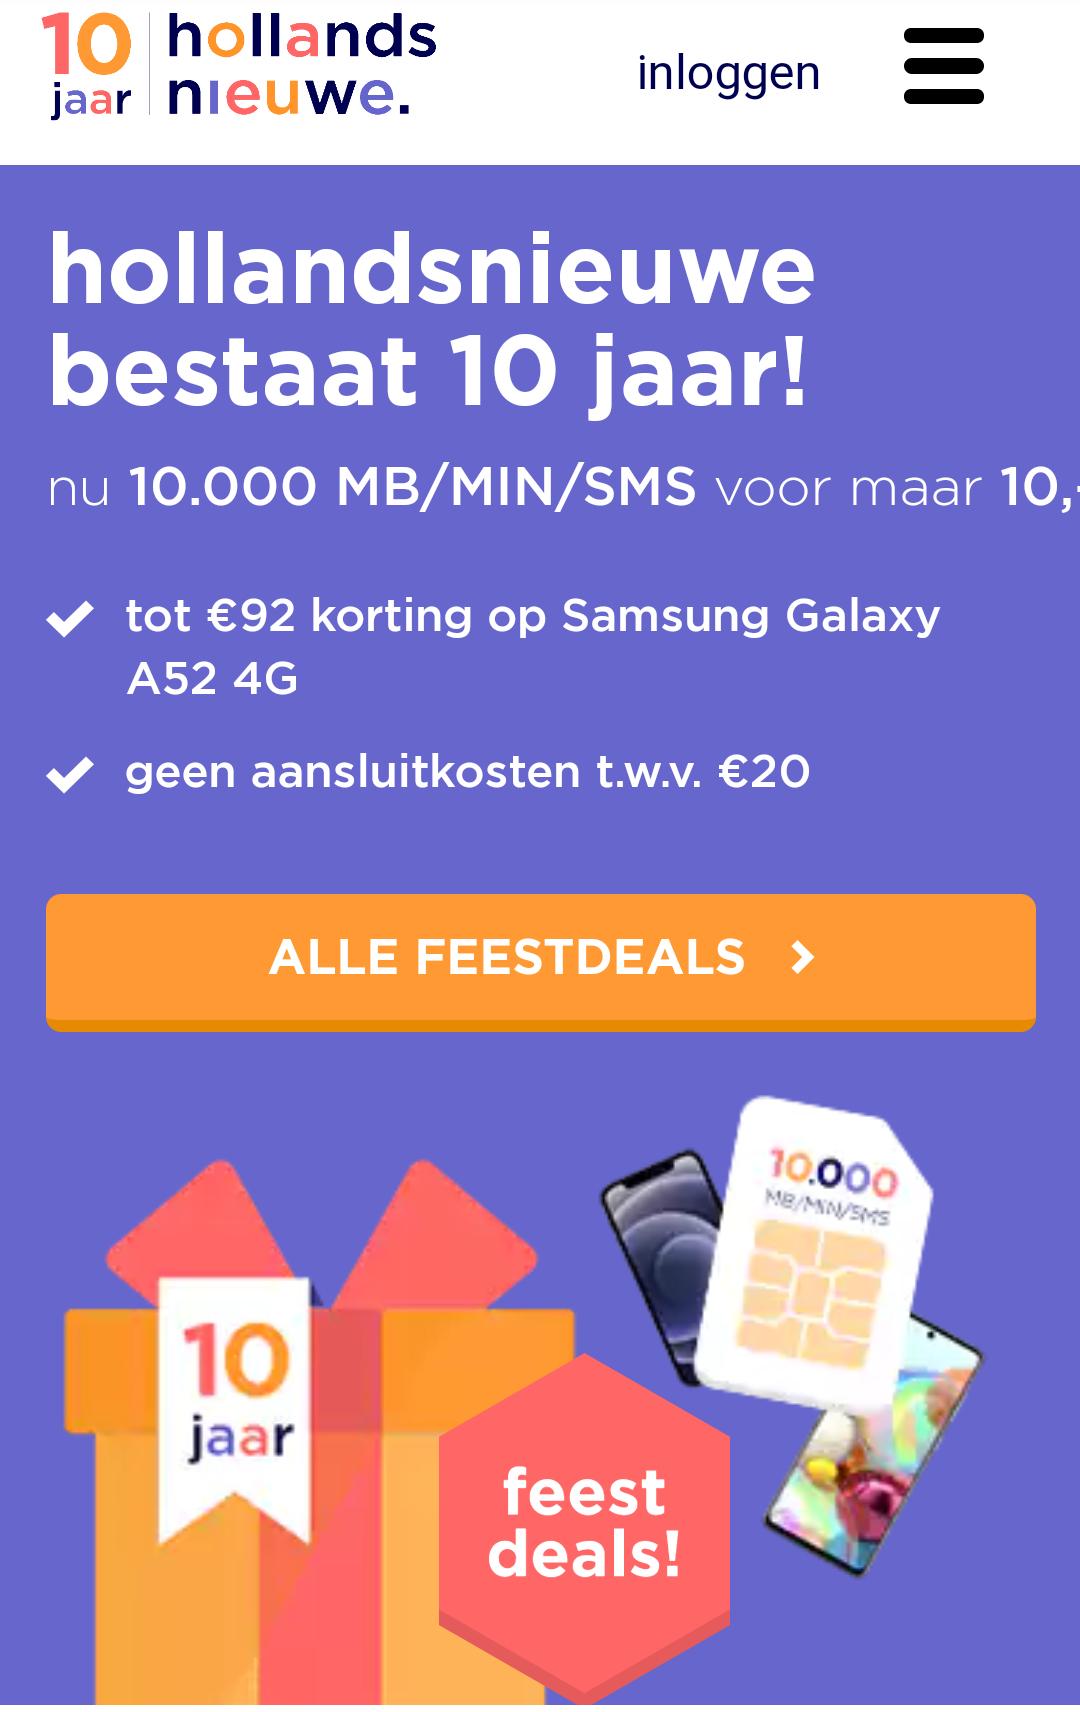 Nu 10.000 MB/MIN/SMS voor maar 10,00 en geen aansluitkosten van 20 euro